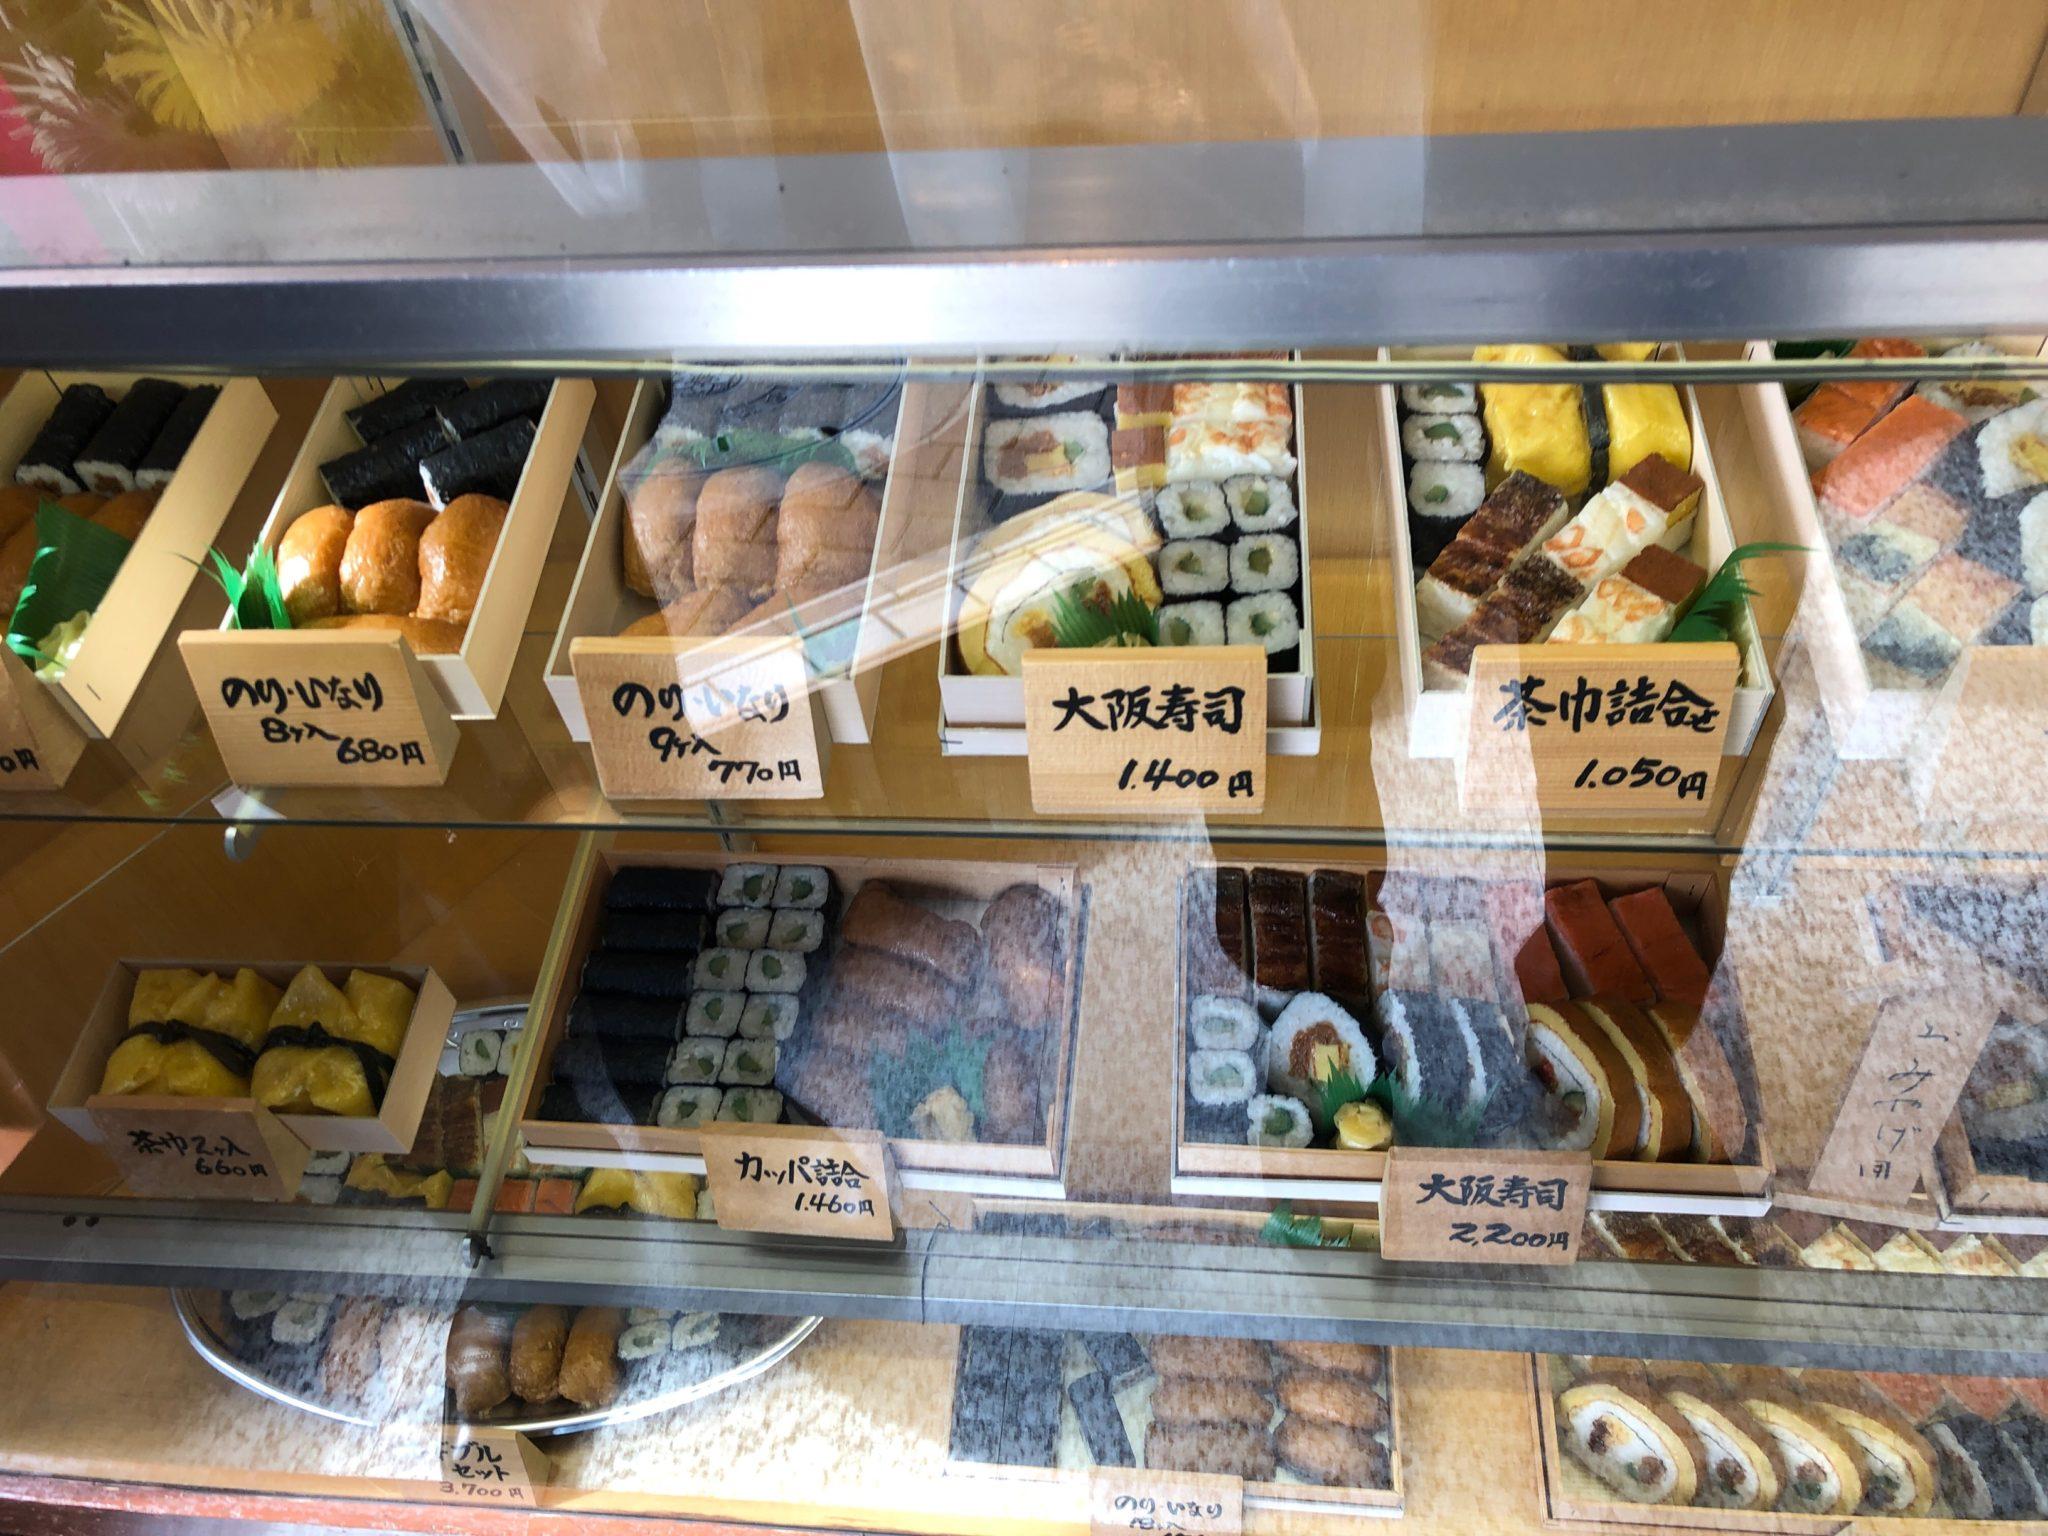 美の輪寿司のメニュー